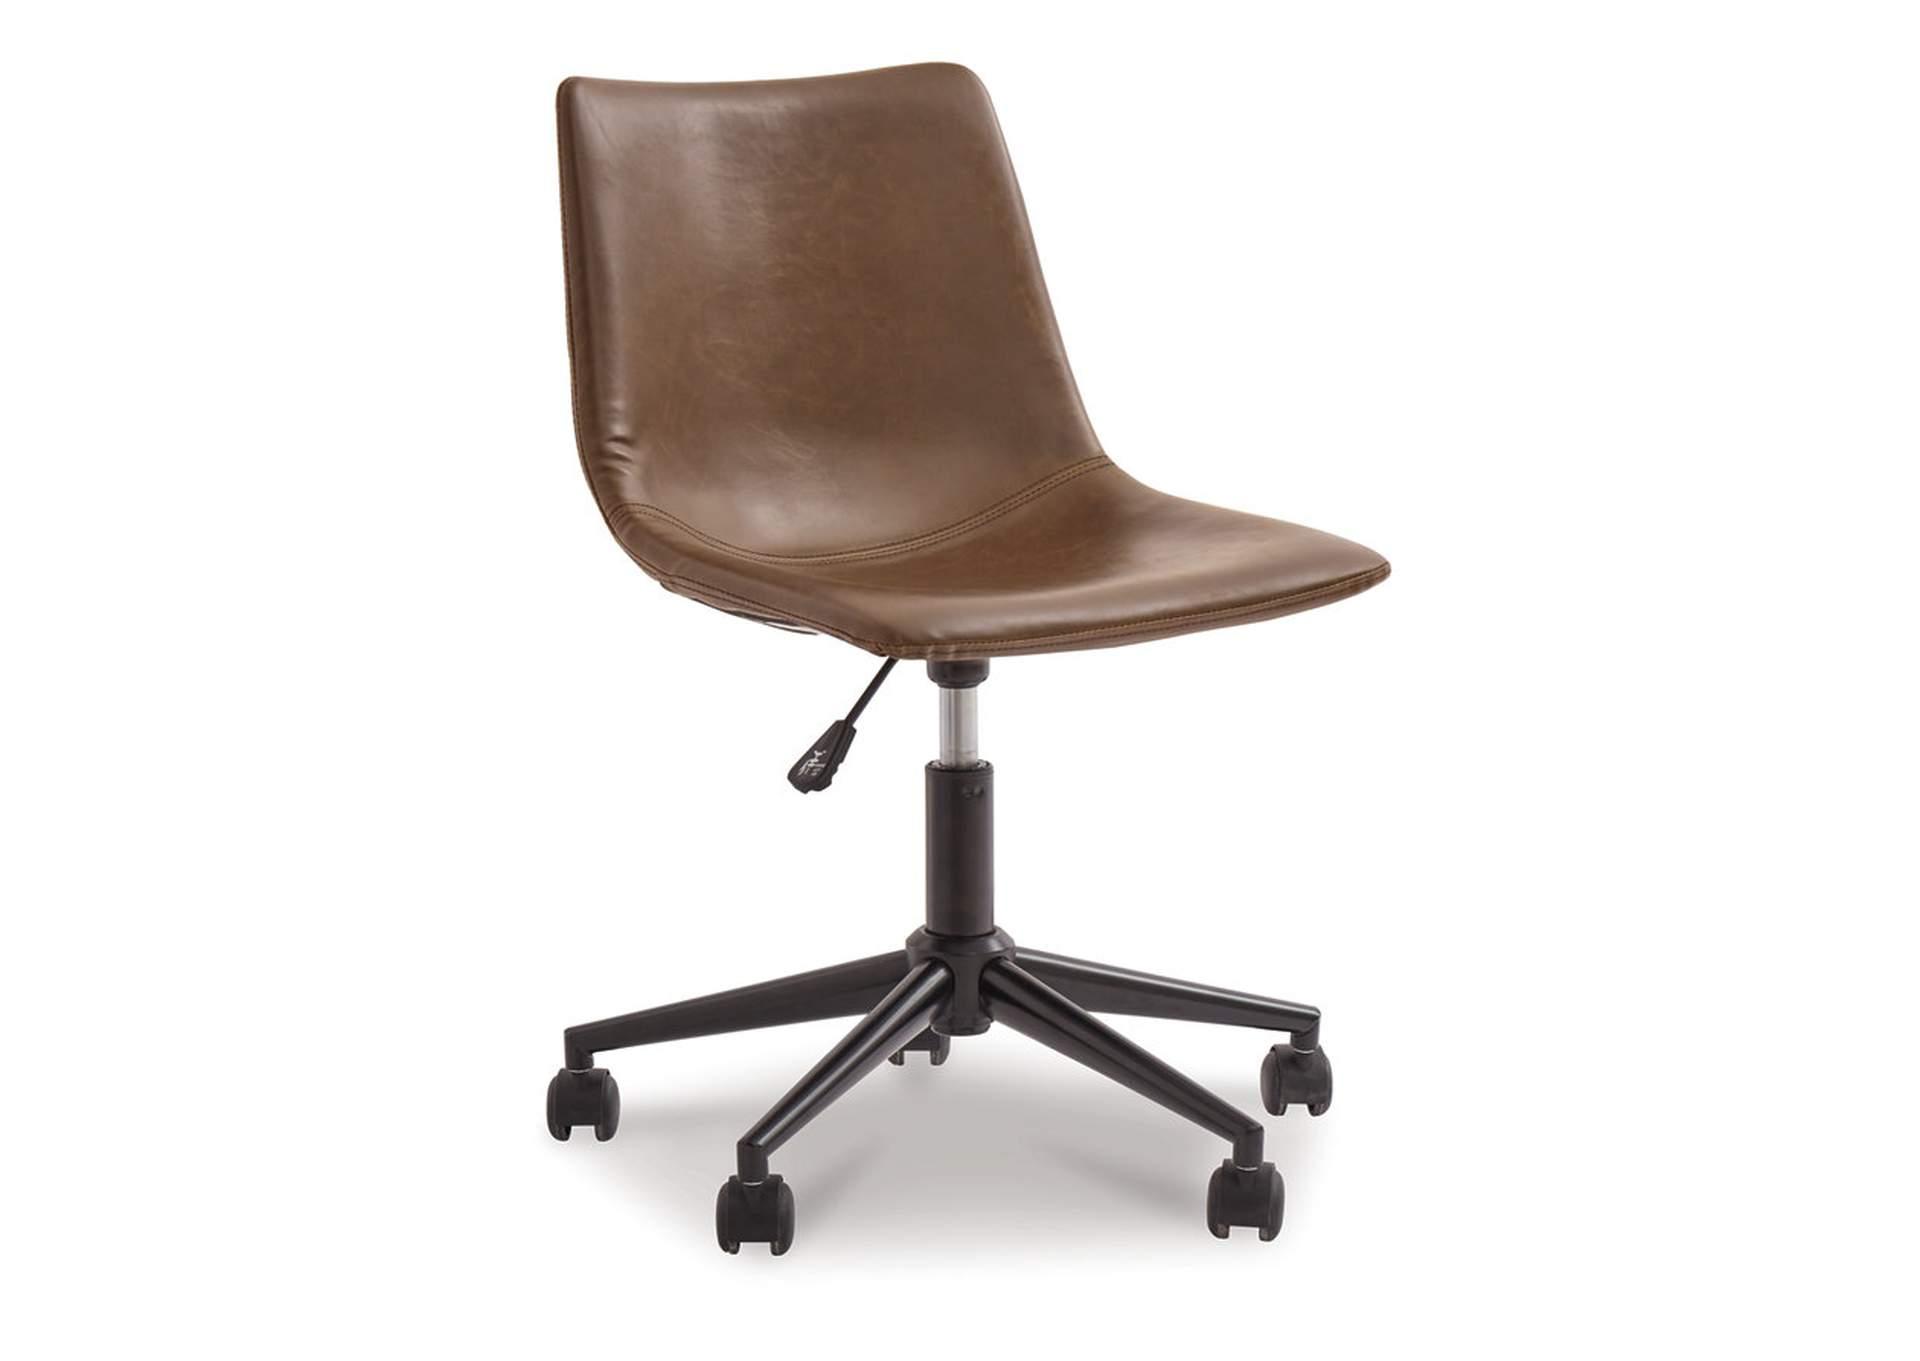 Silla de escritorio color marrón   PEDIDO ESPECIAL